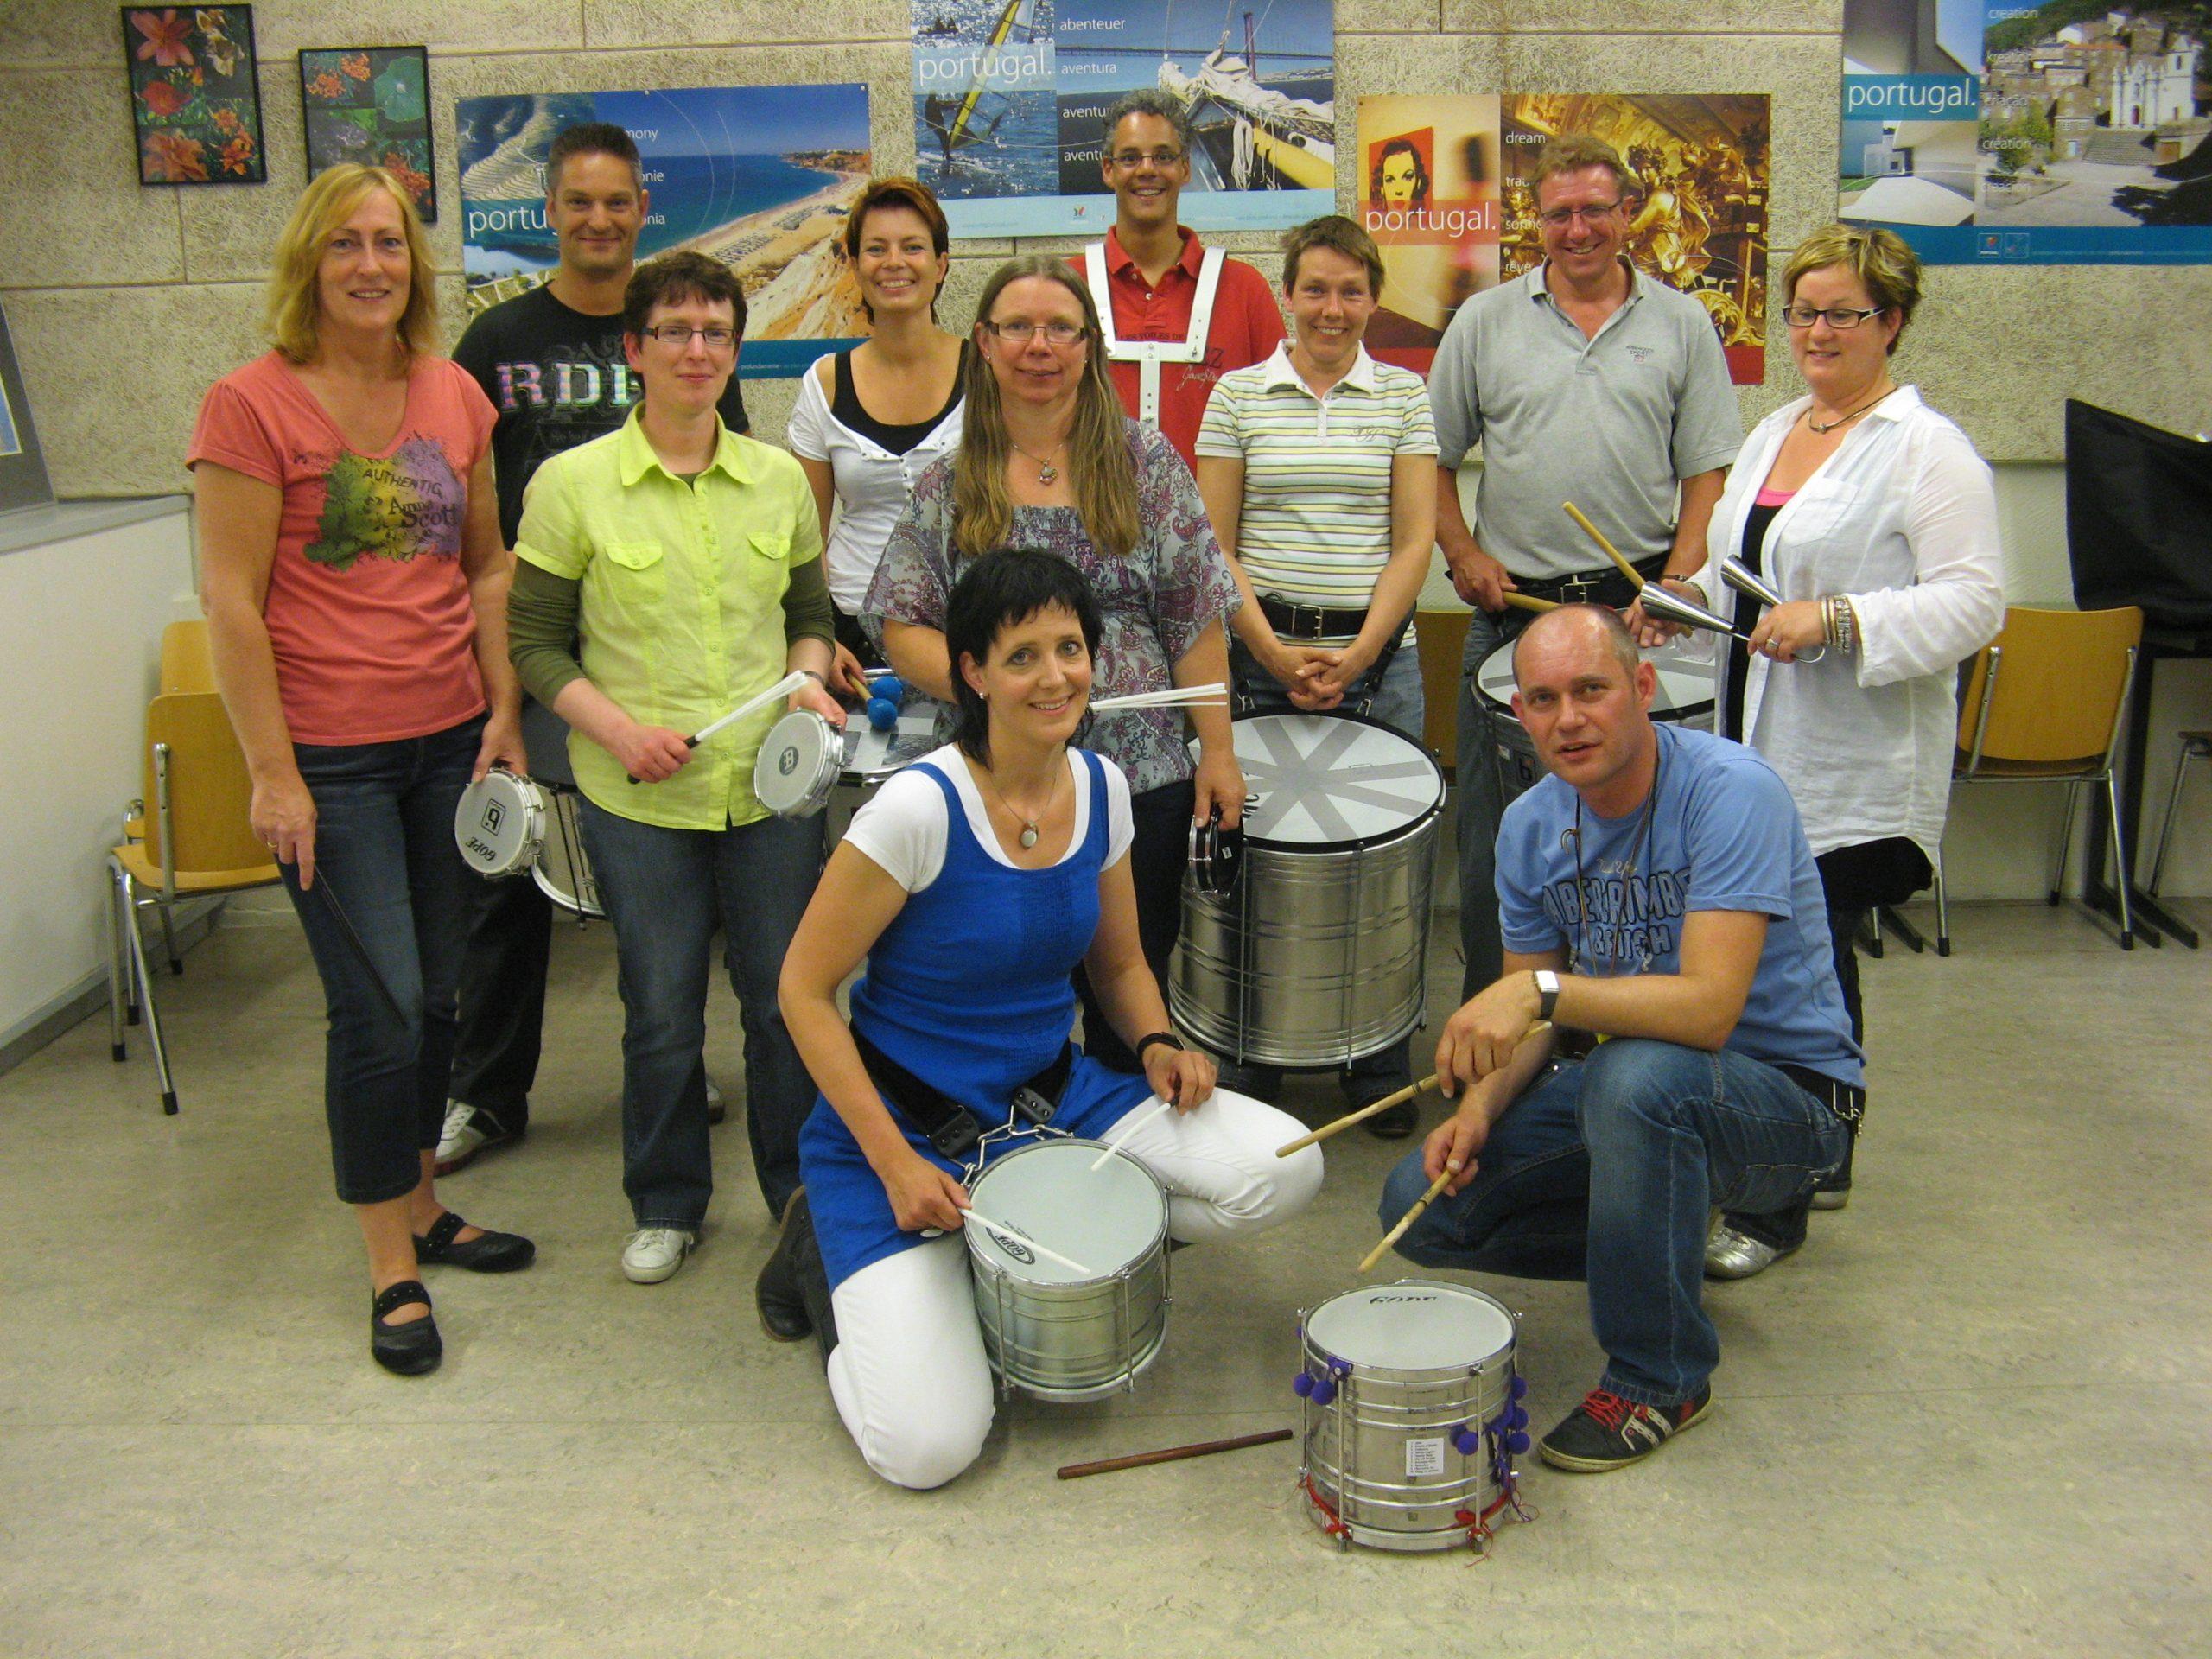 Cursus Braziliaanse Percussie in Veghel.